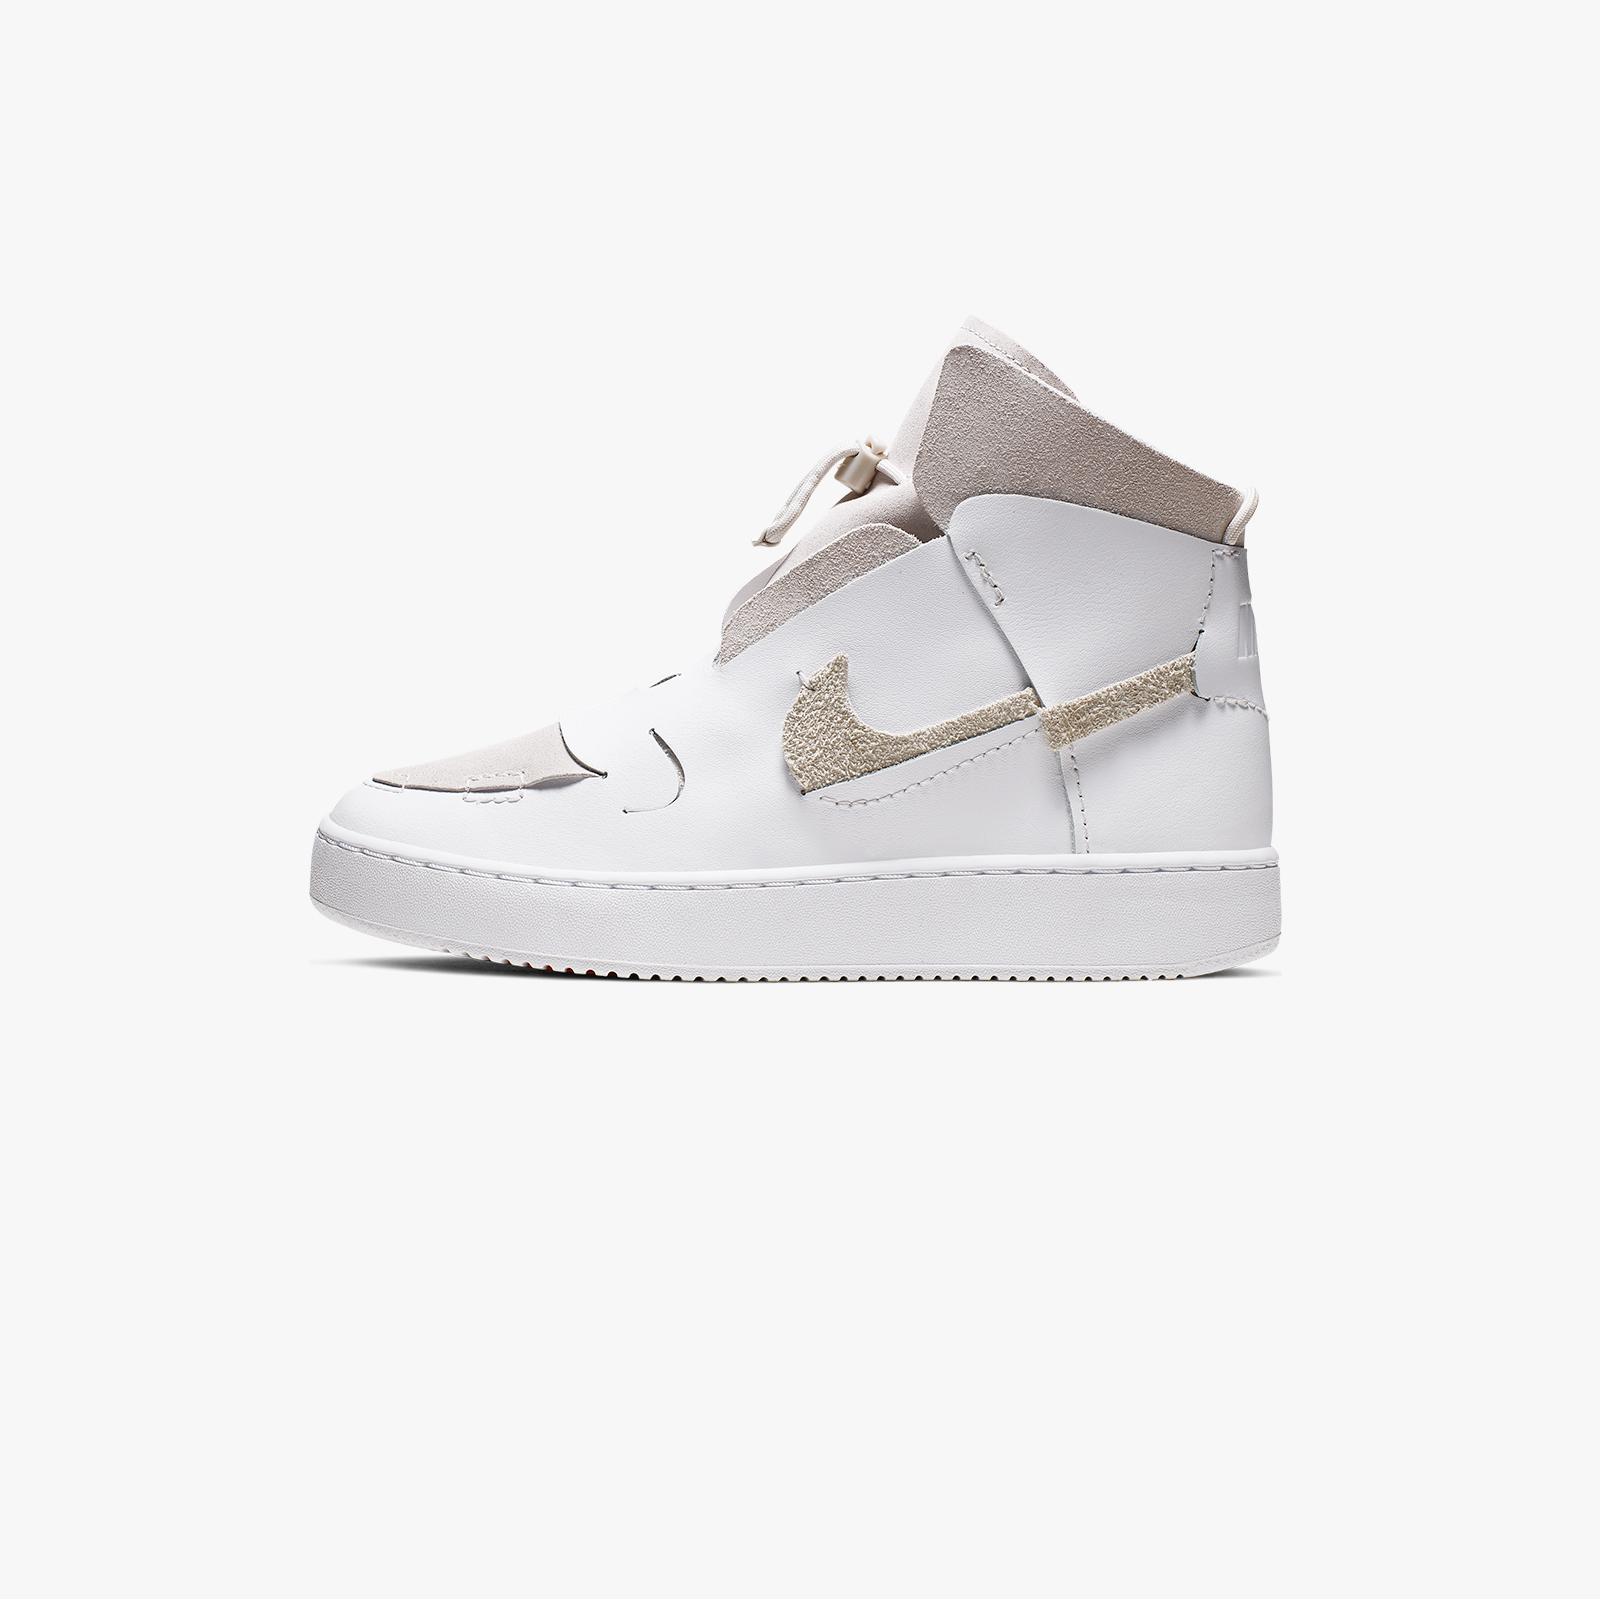 Nike Wmns Vandalised LX - Bq3611-100